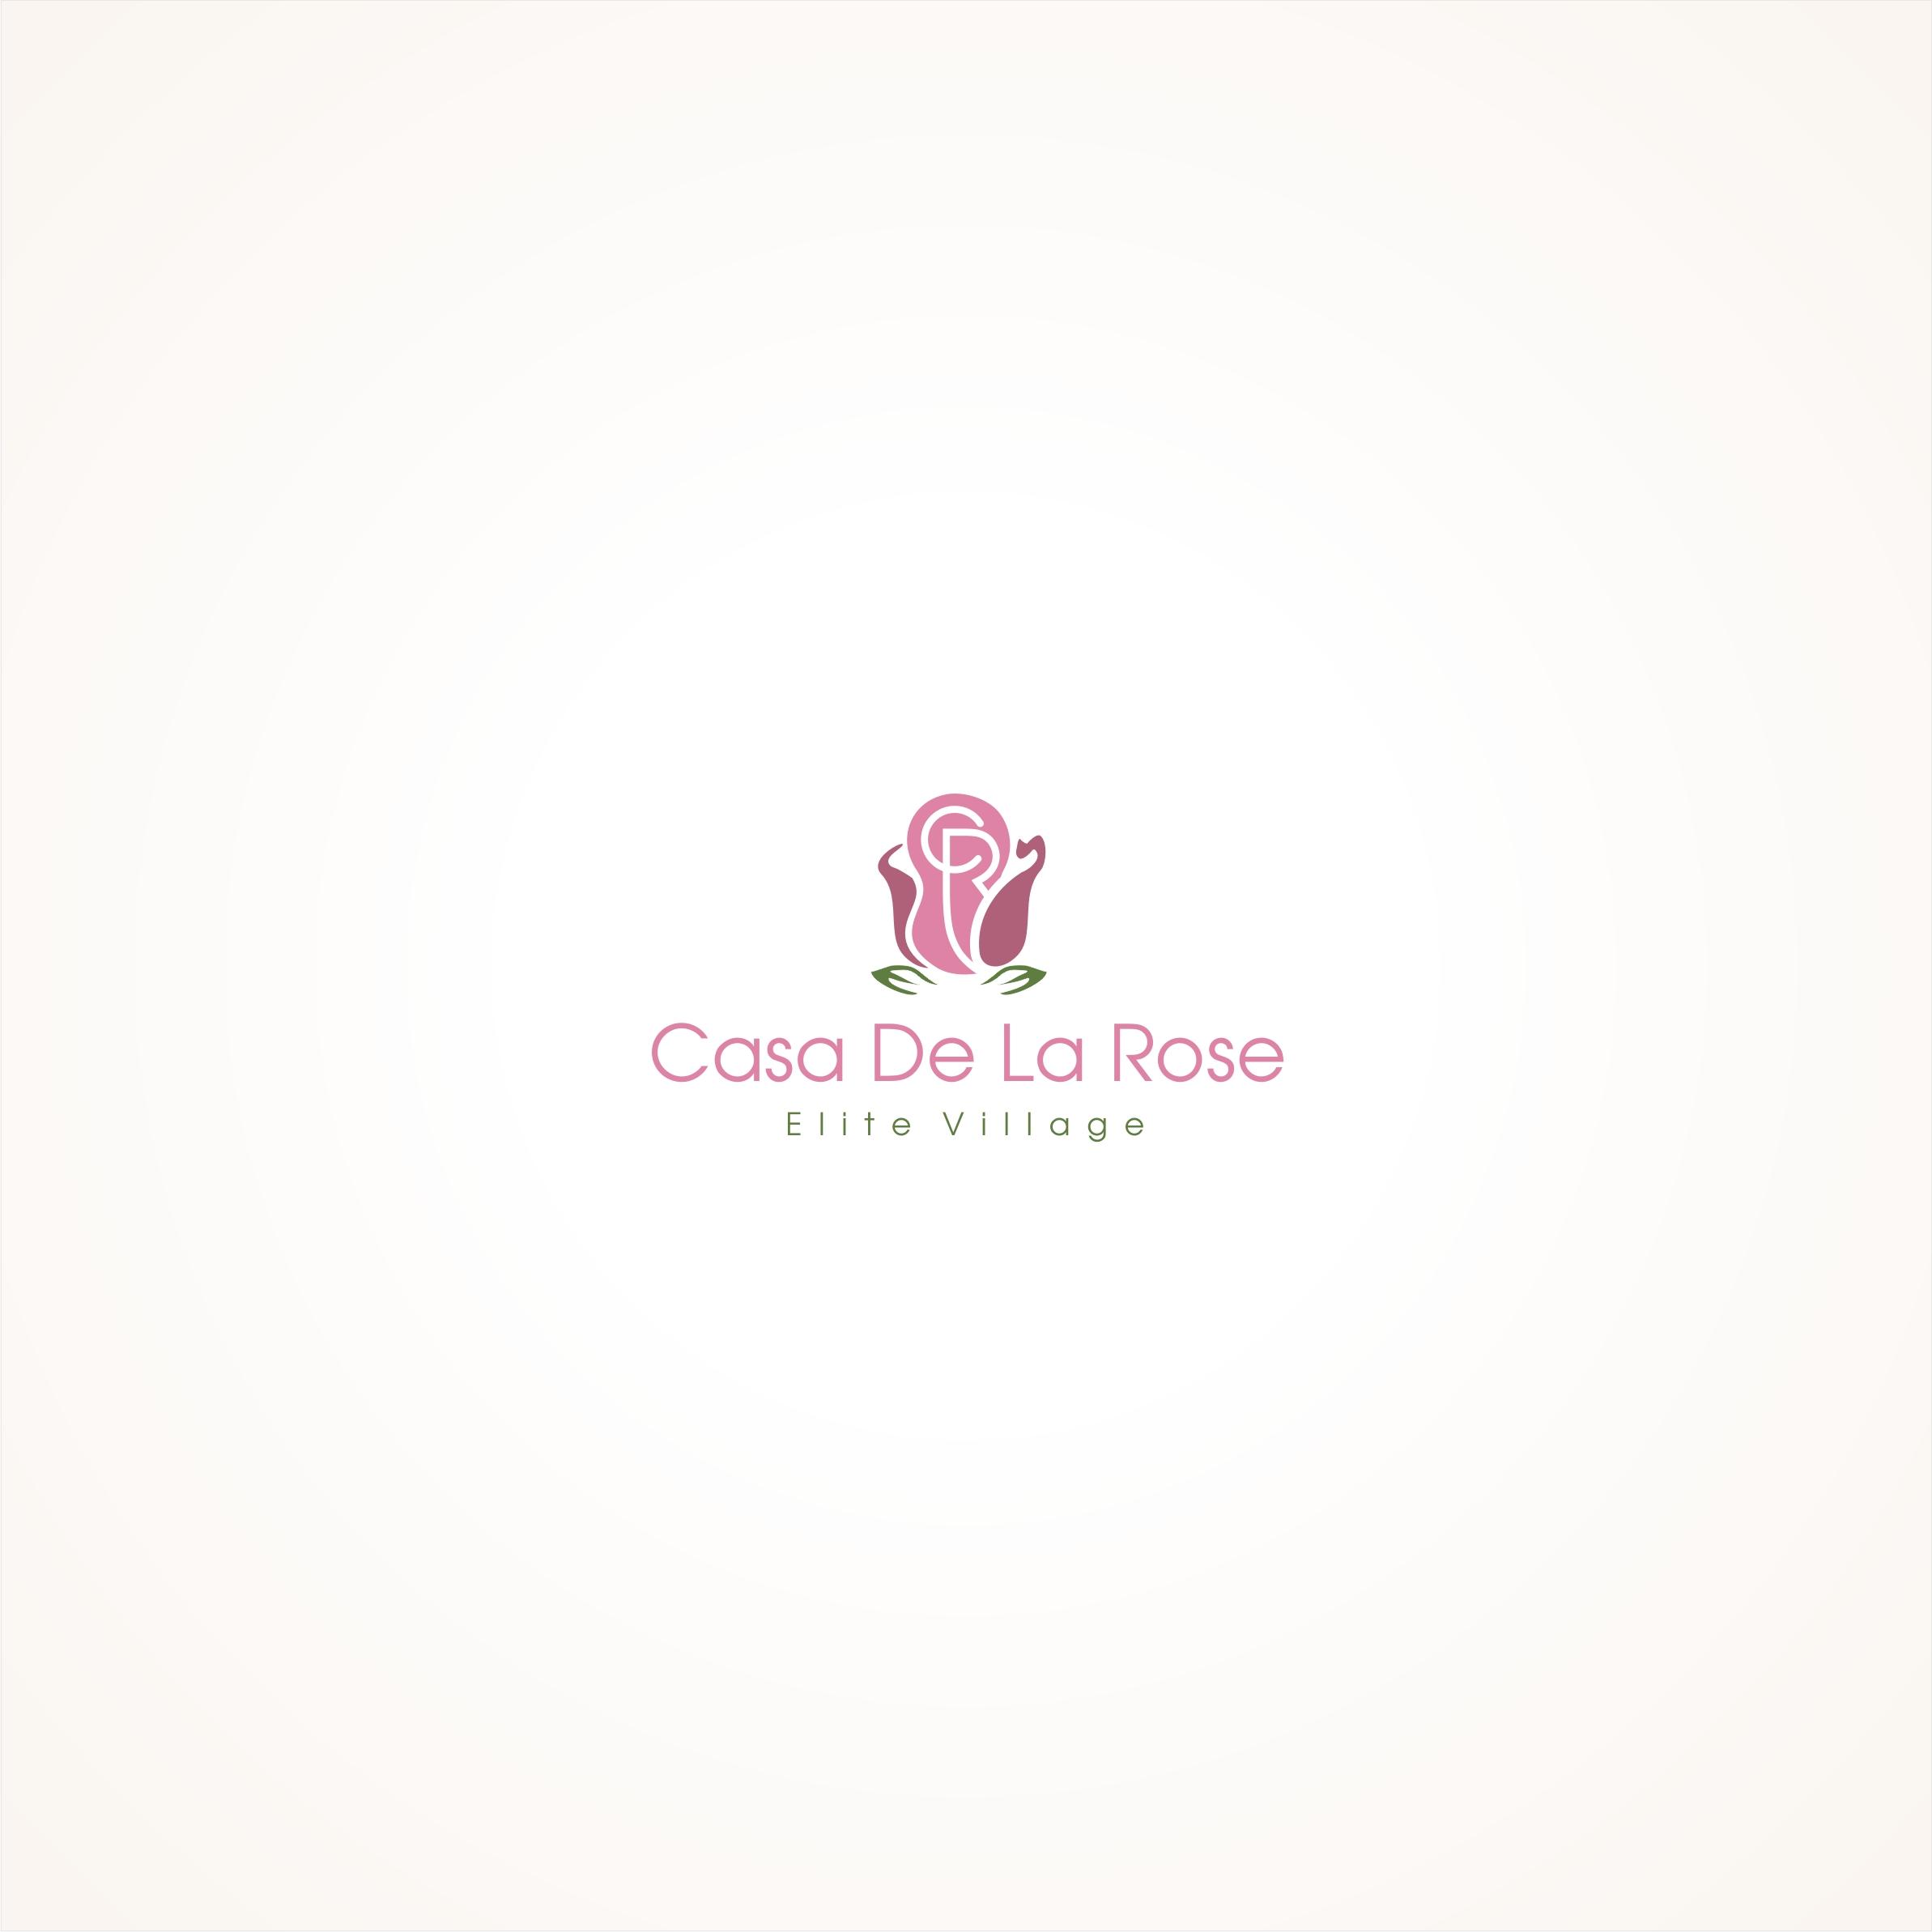 Логотип + Фирменный знак для элитного поселка Casa De La Rosa фото f_9845cd970396bfcf.jpg